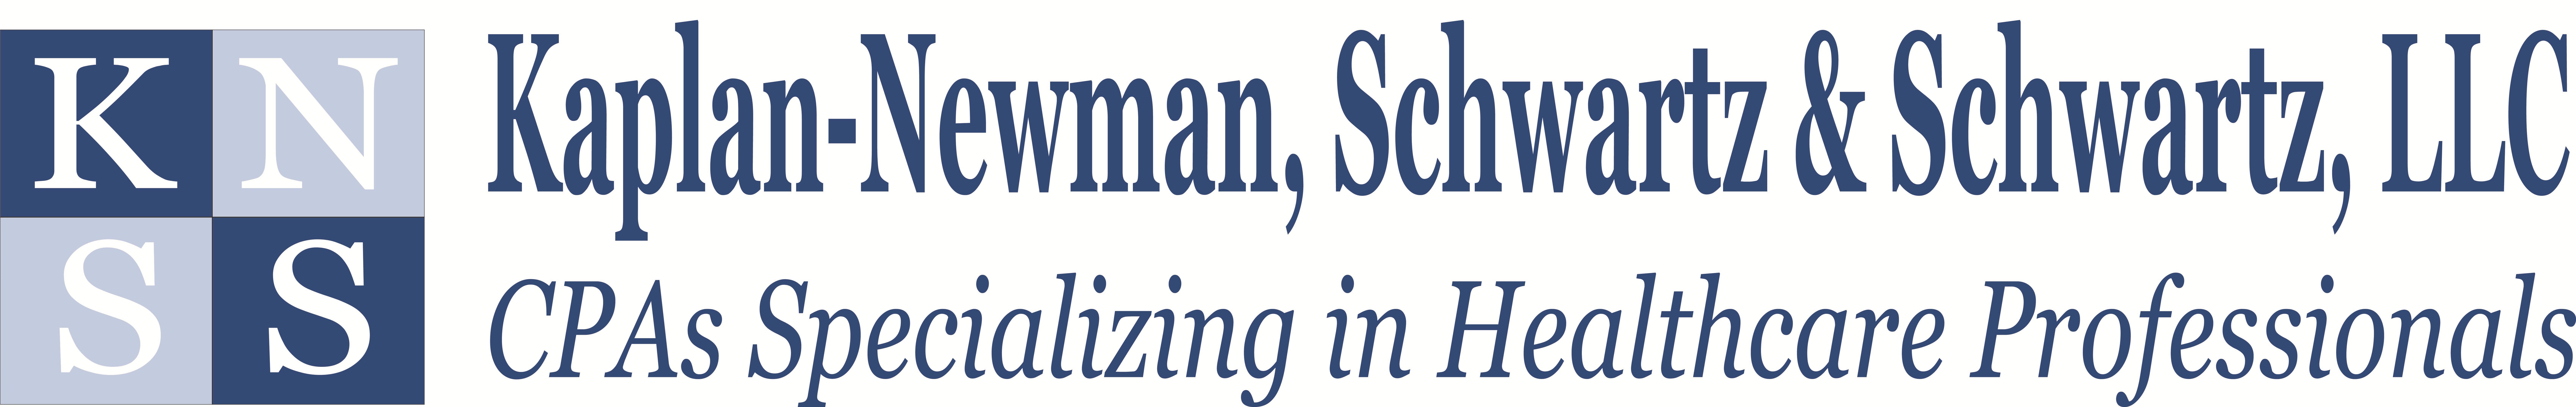 Kaplan-Newman, Schwartz & Schwartz, LLC